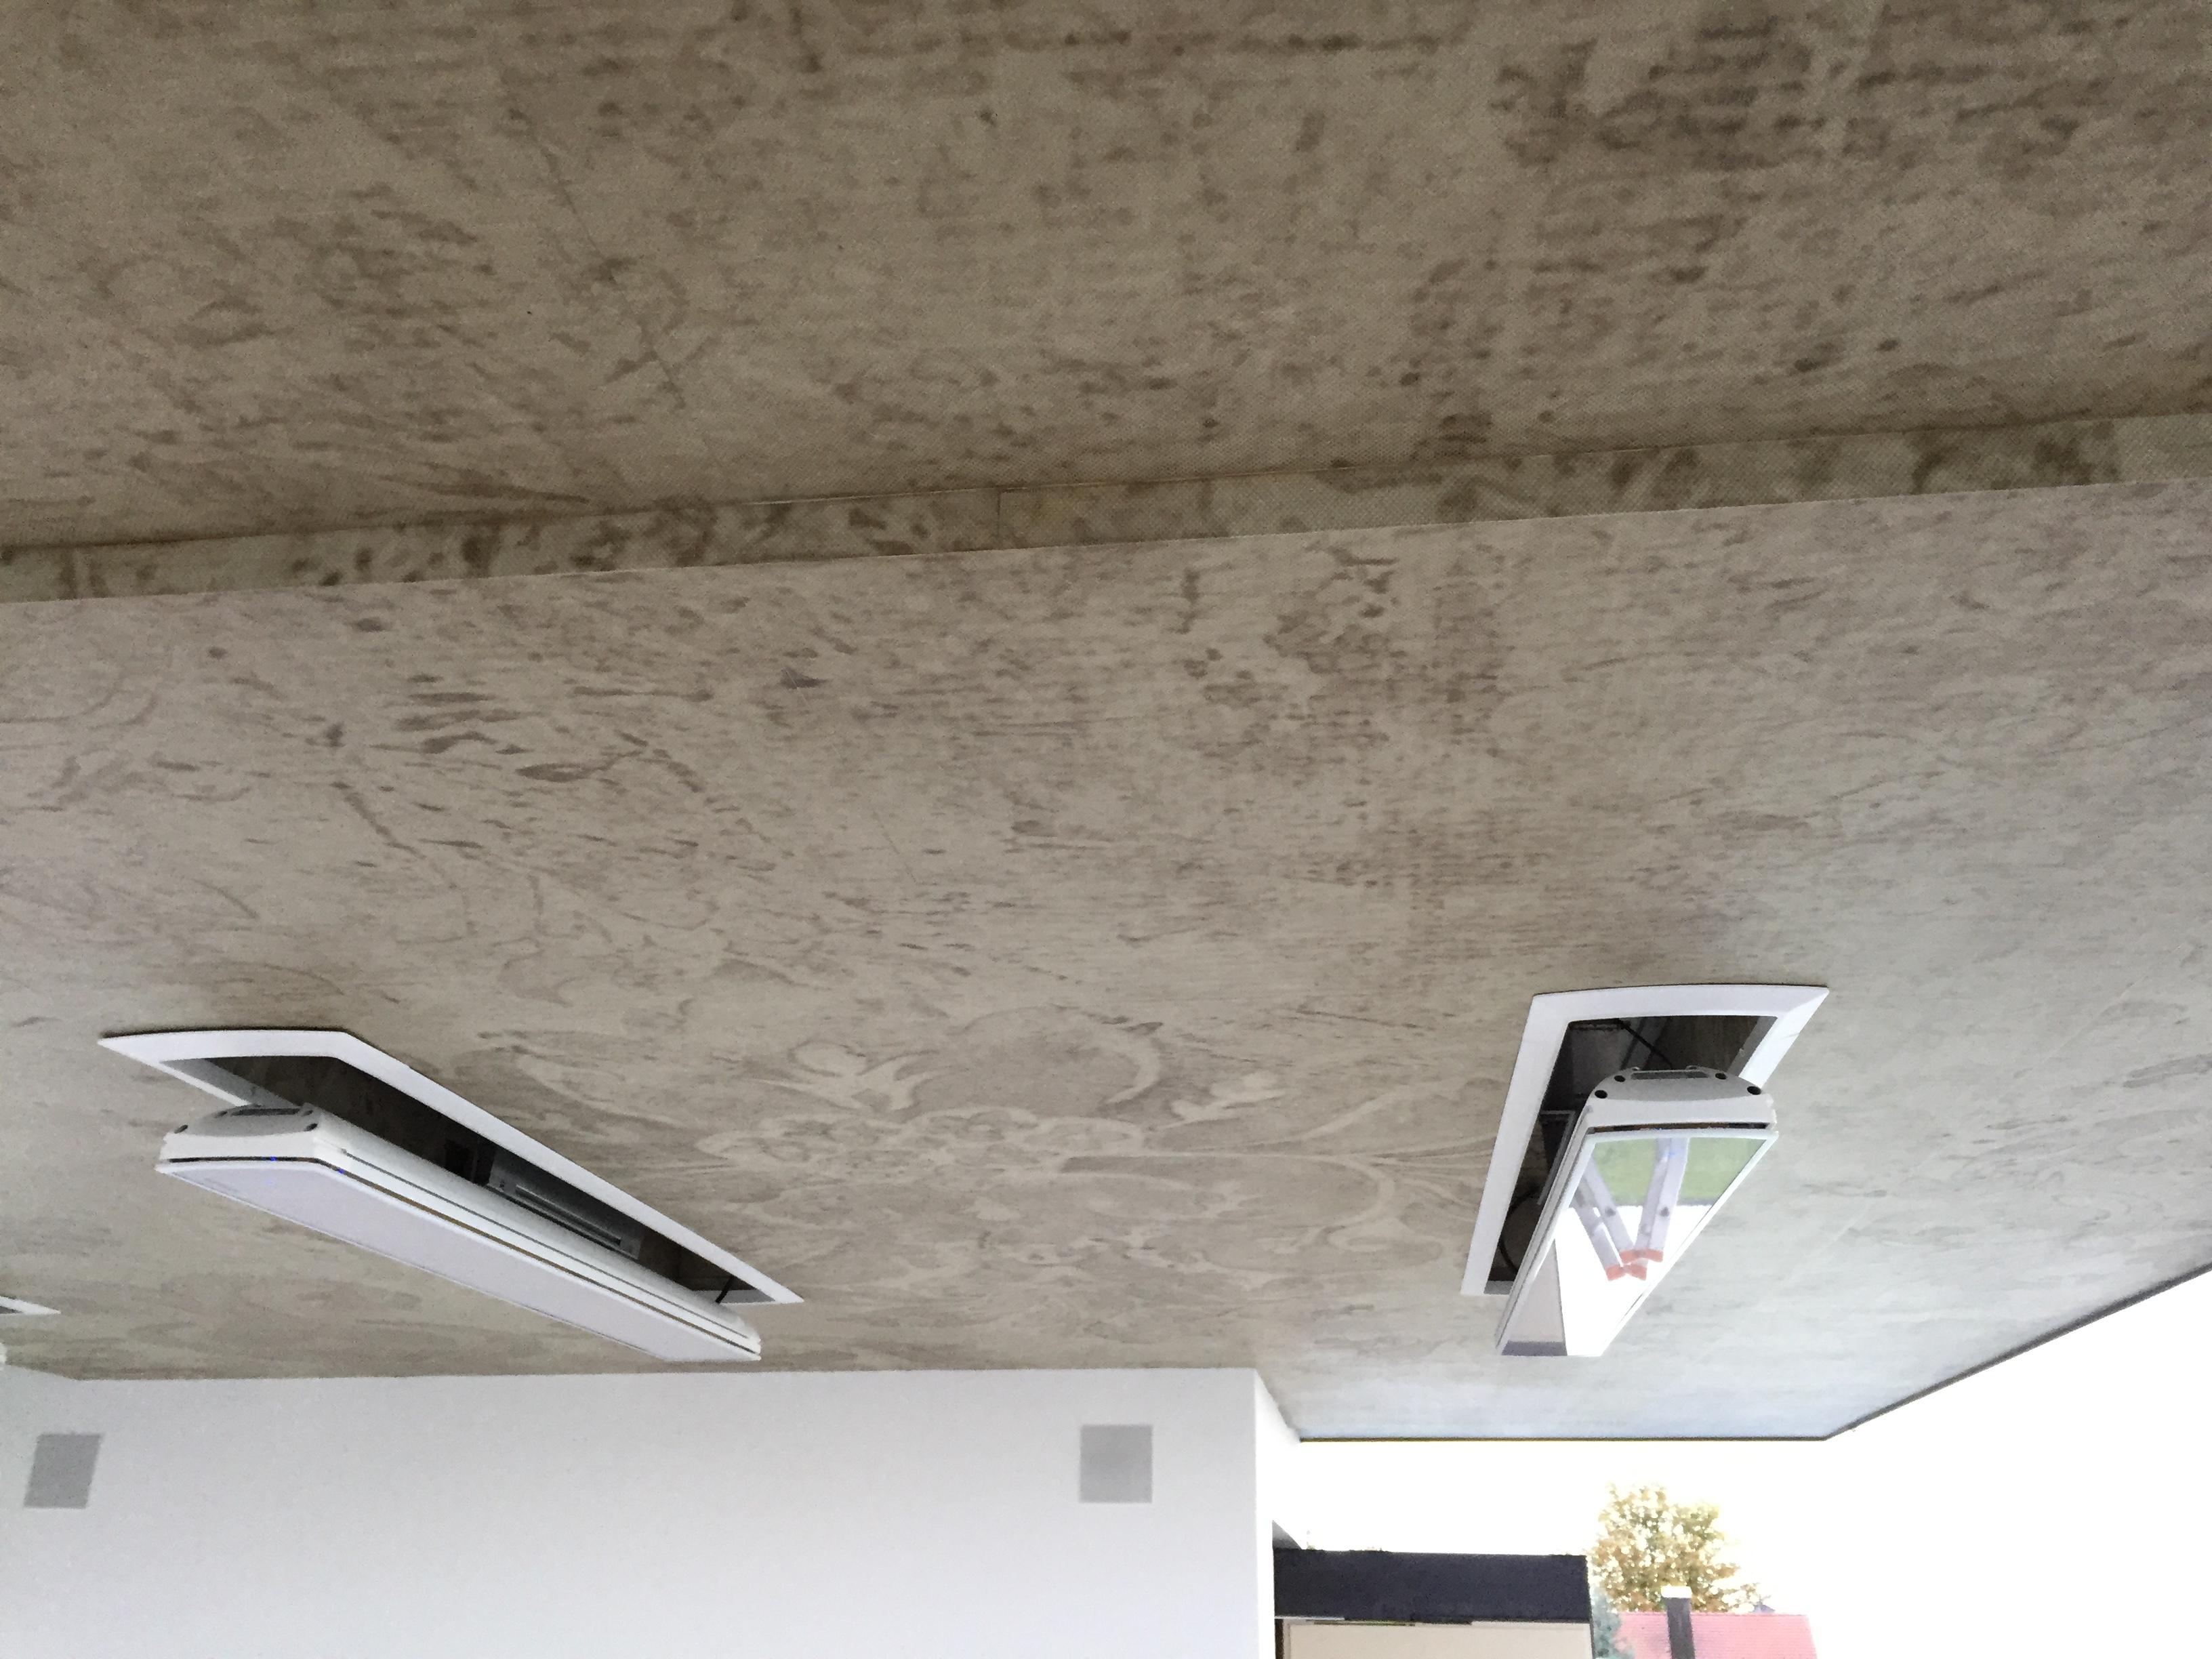 chauffage infrarouge encastrable dans un caisson motoris pour faux plafond avec t l commande. Black Bedroom Furniture Sets. Home Design Ideas